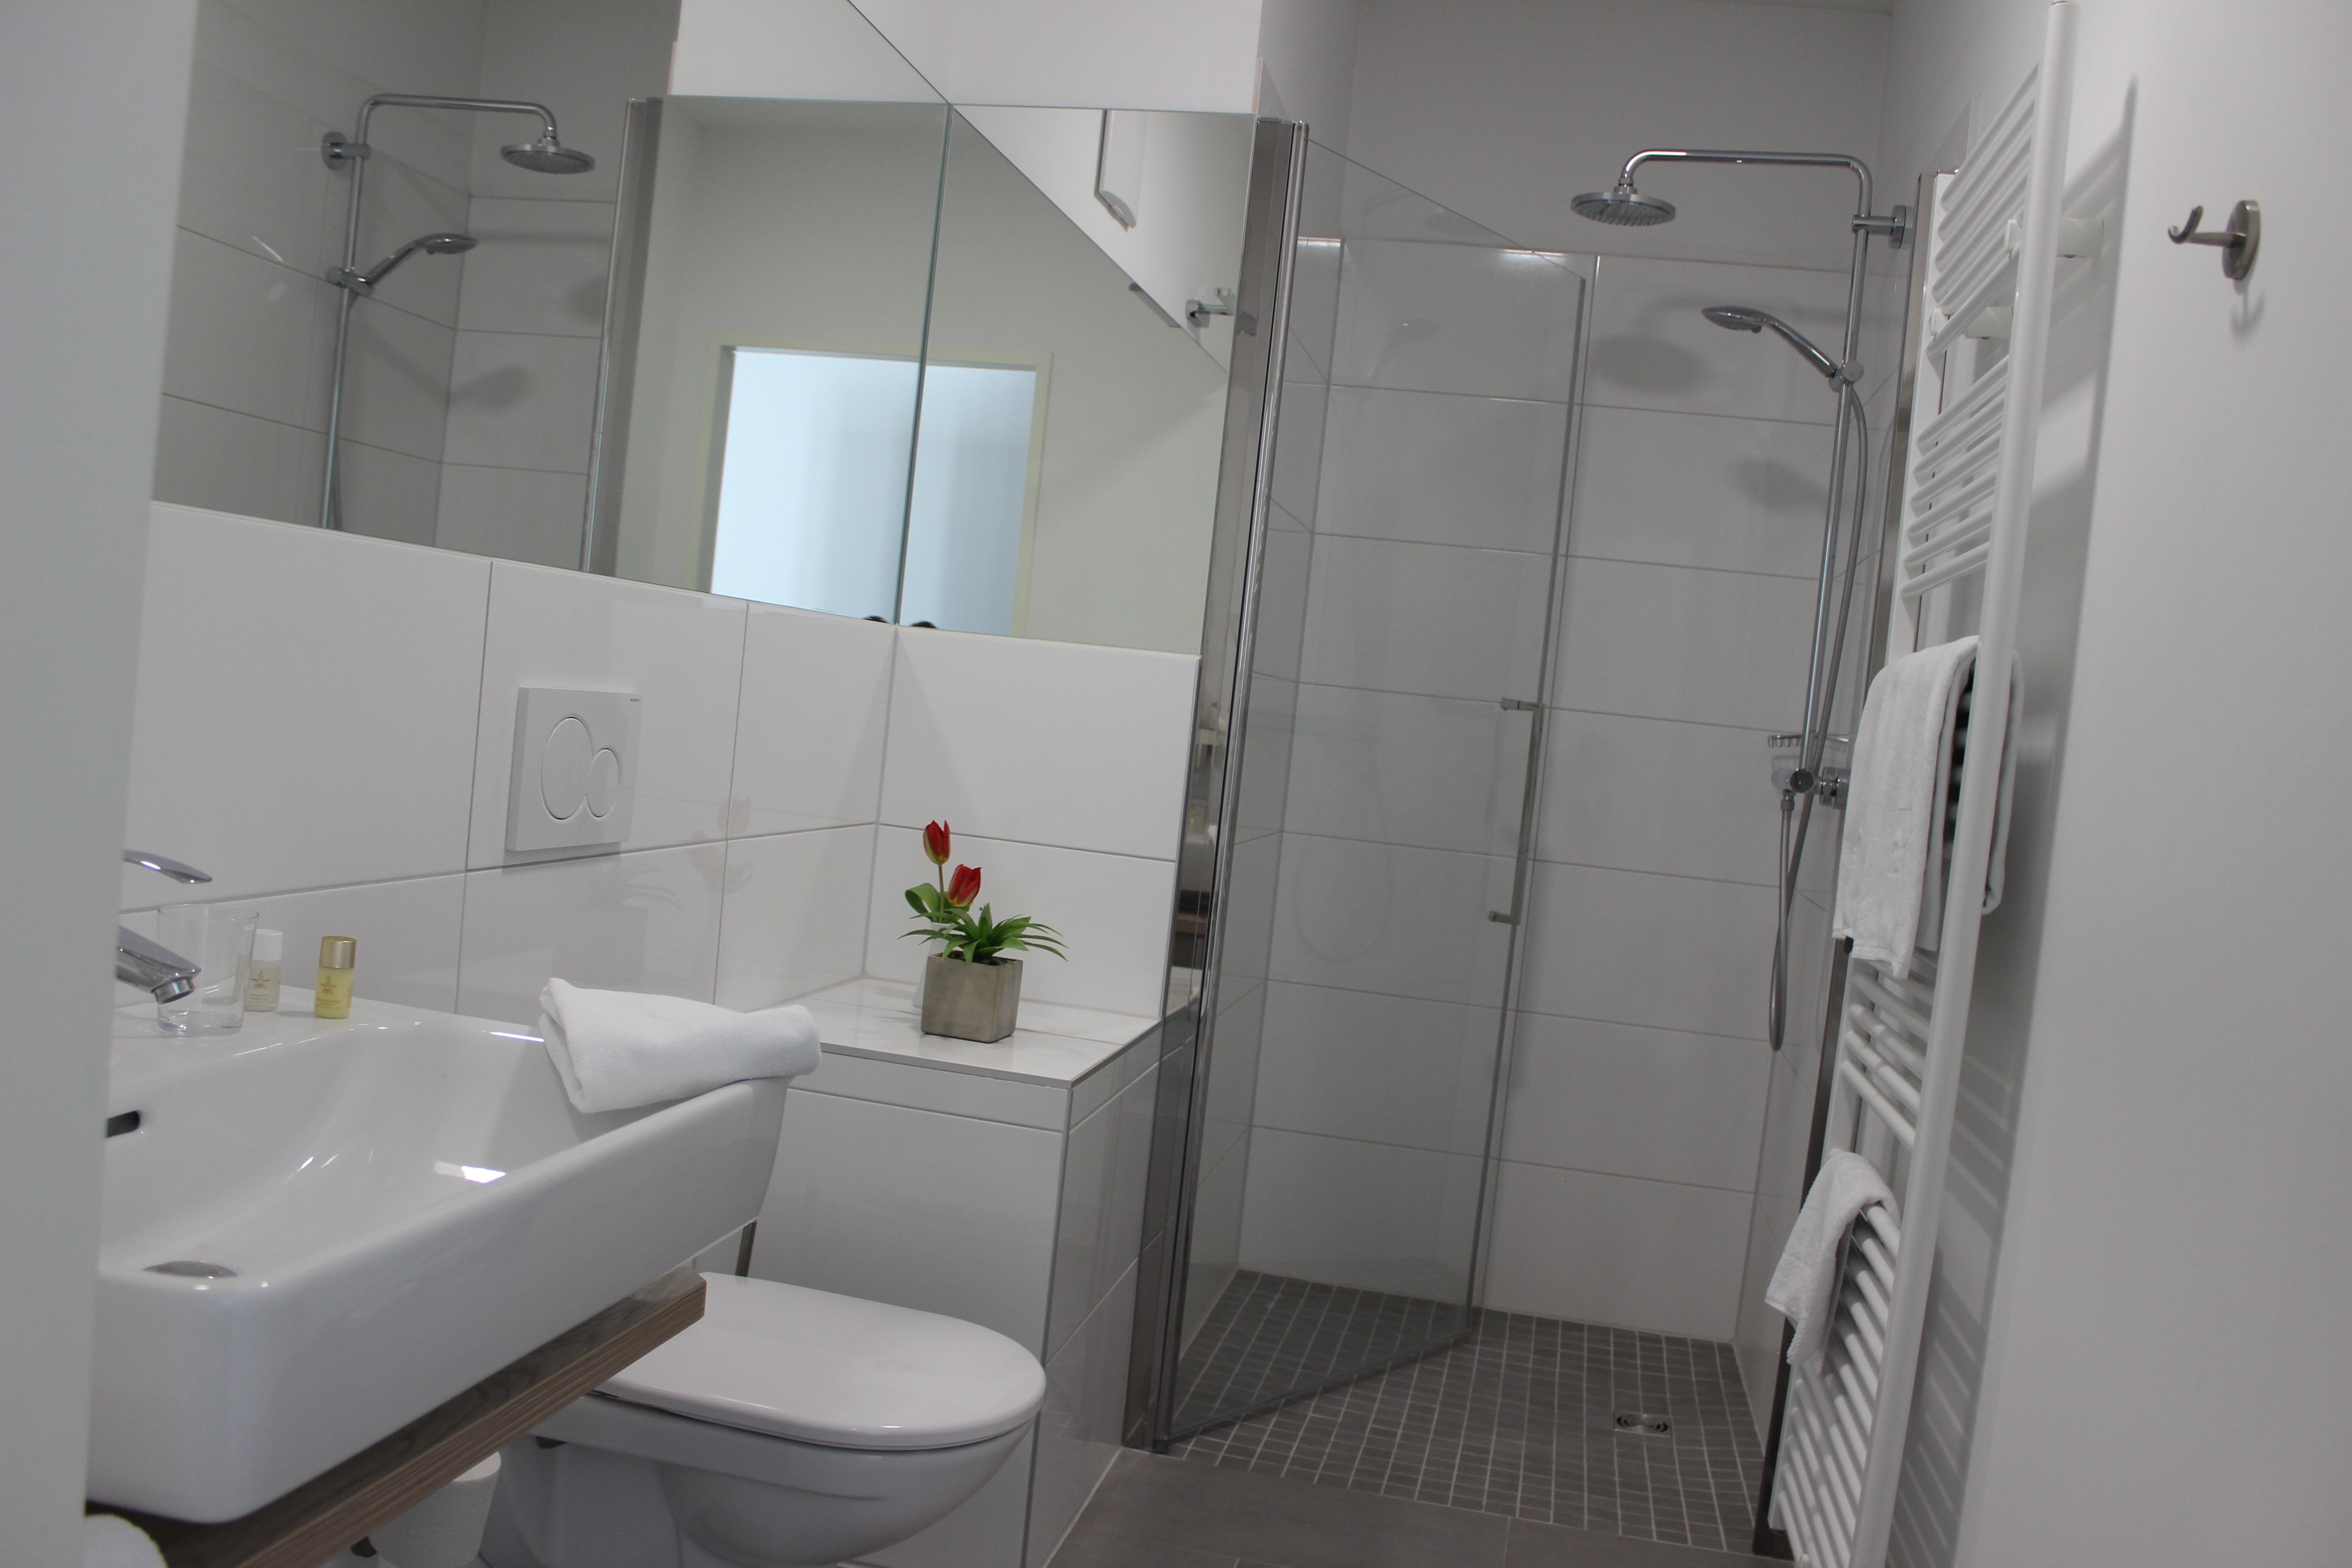 Badezimmer im Minihotel, Wachbecken, WC und Dusche, Spiegel